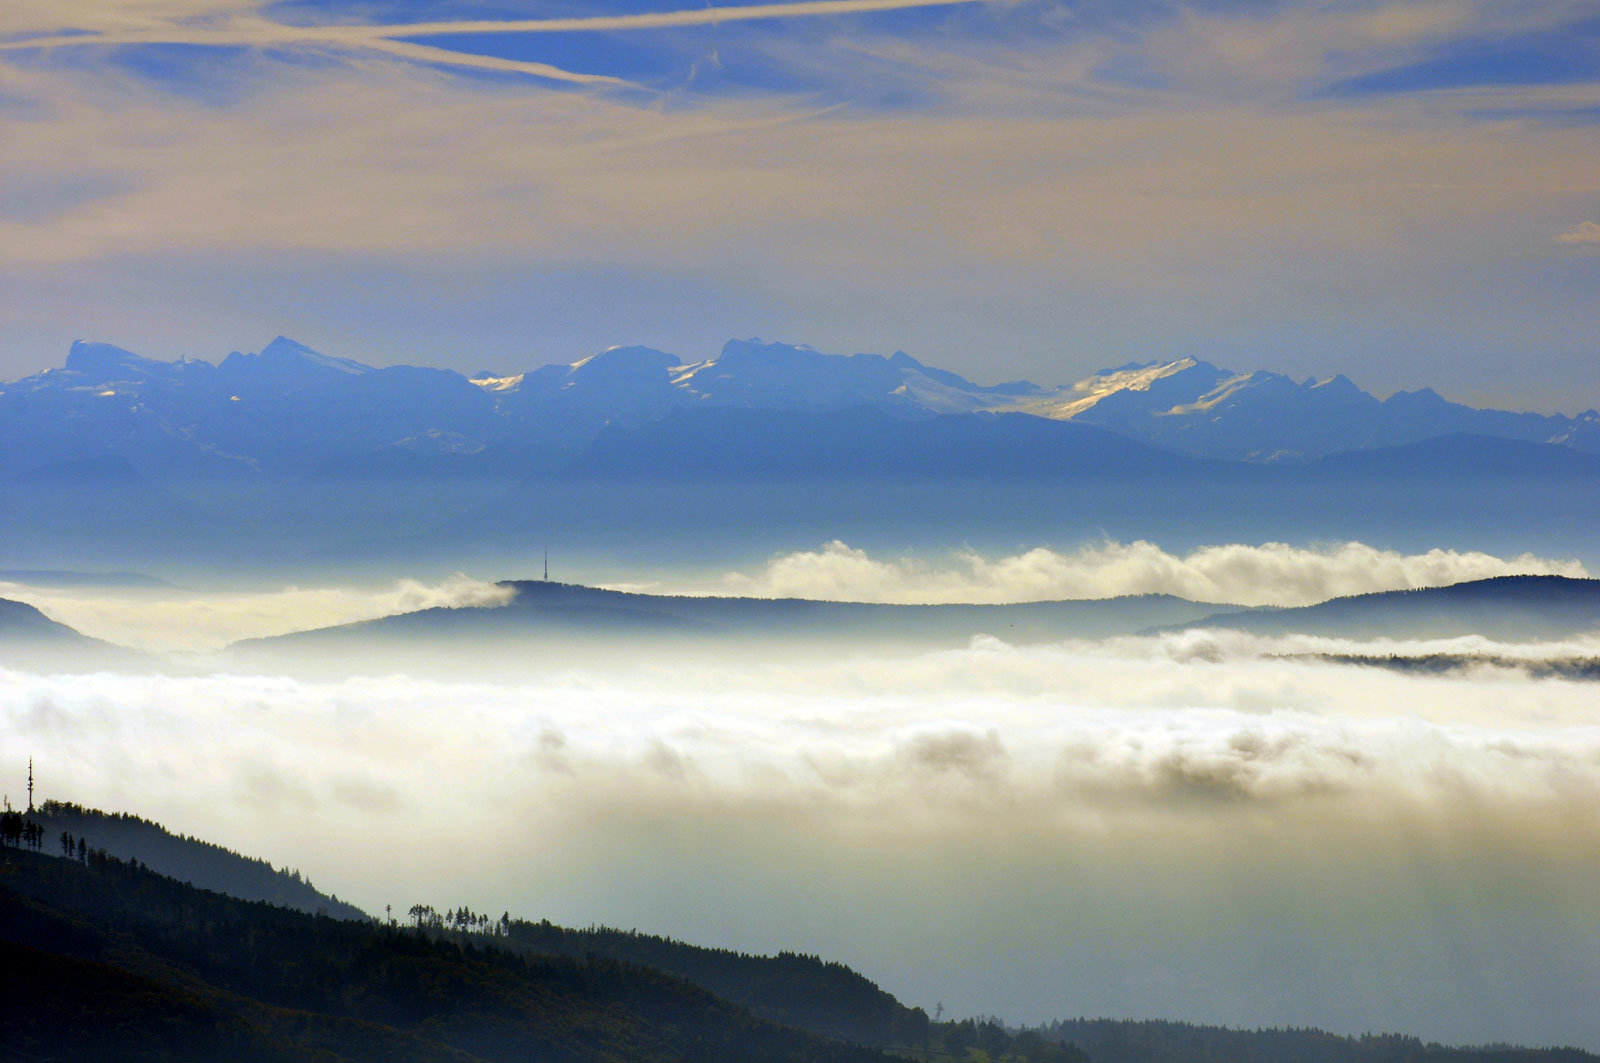 Herrlicher Ausblick vom Käserer Tannenrundweg in die Berner Alpen